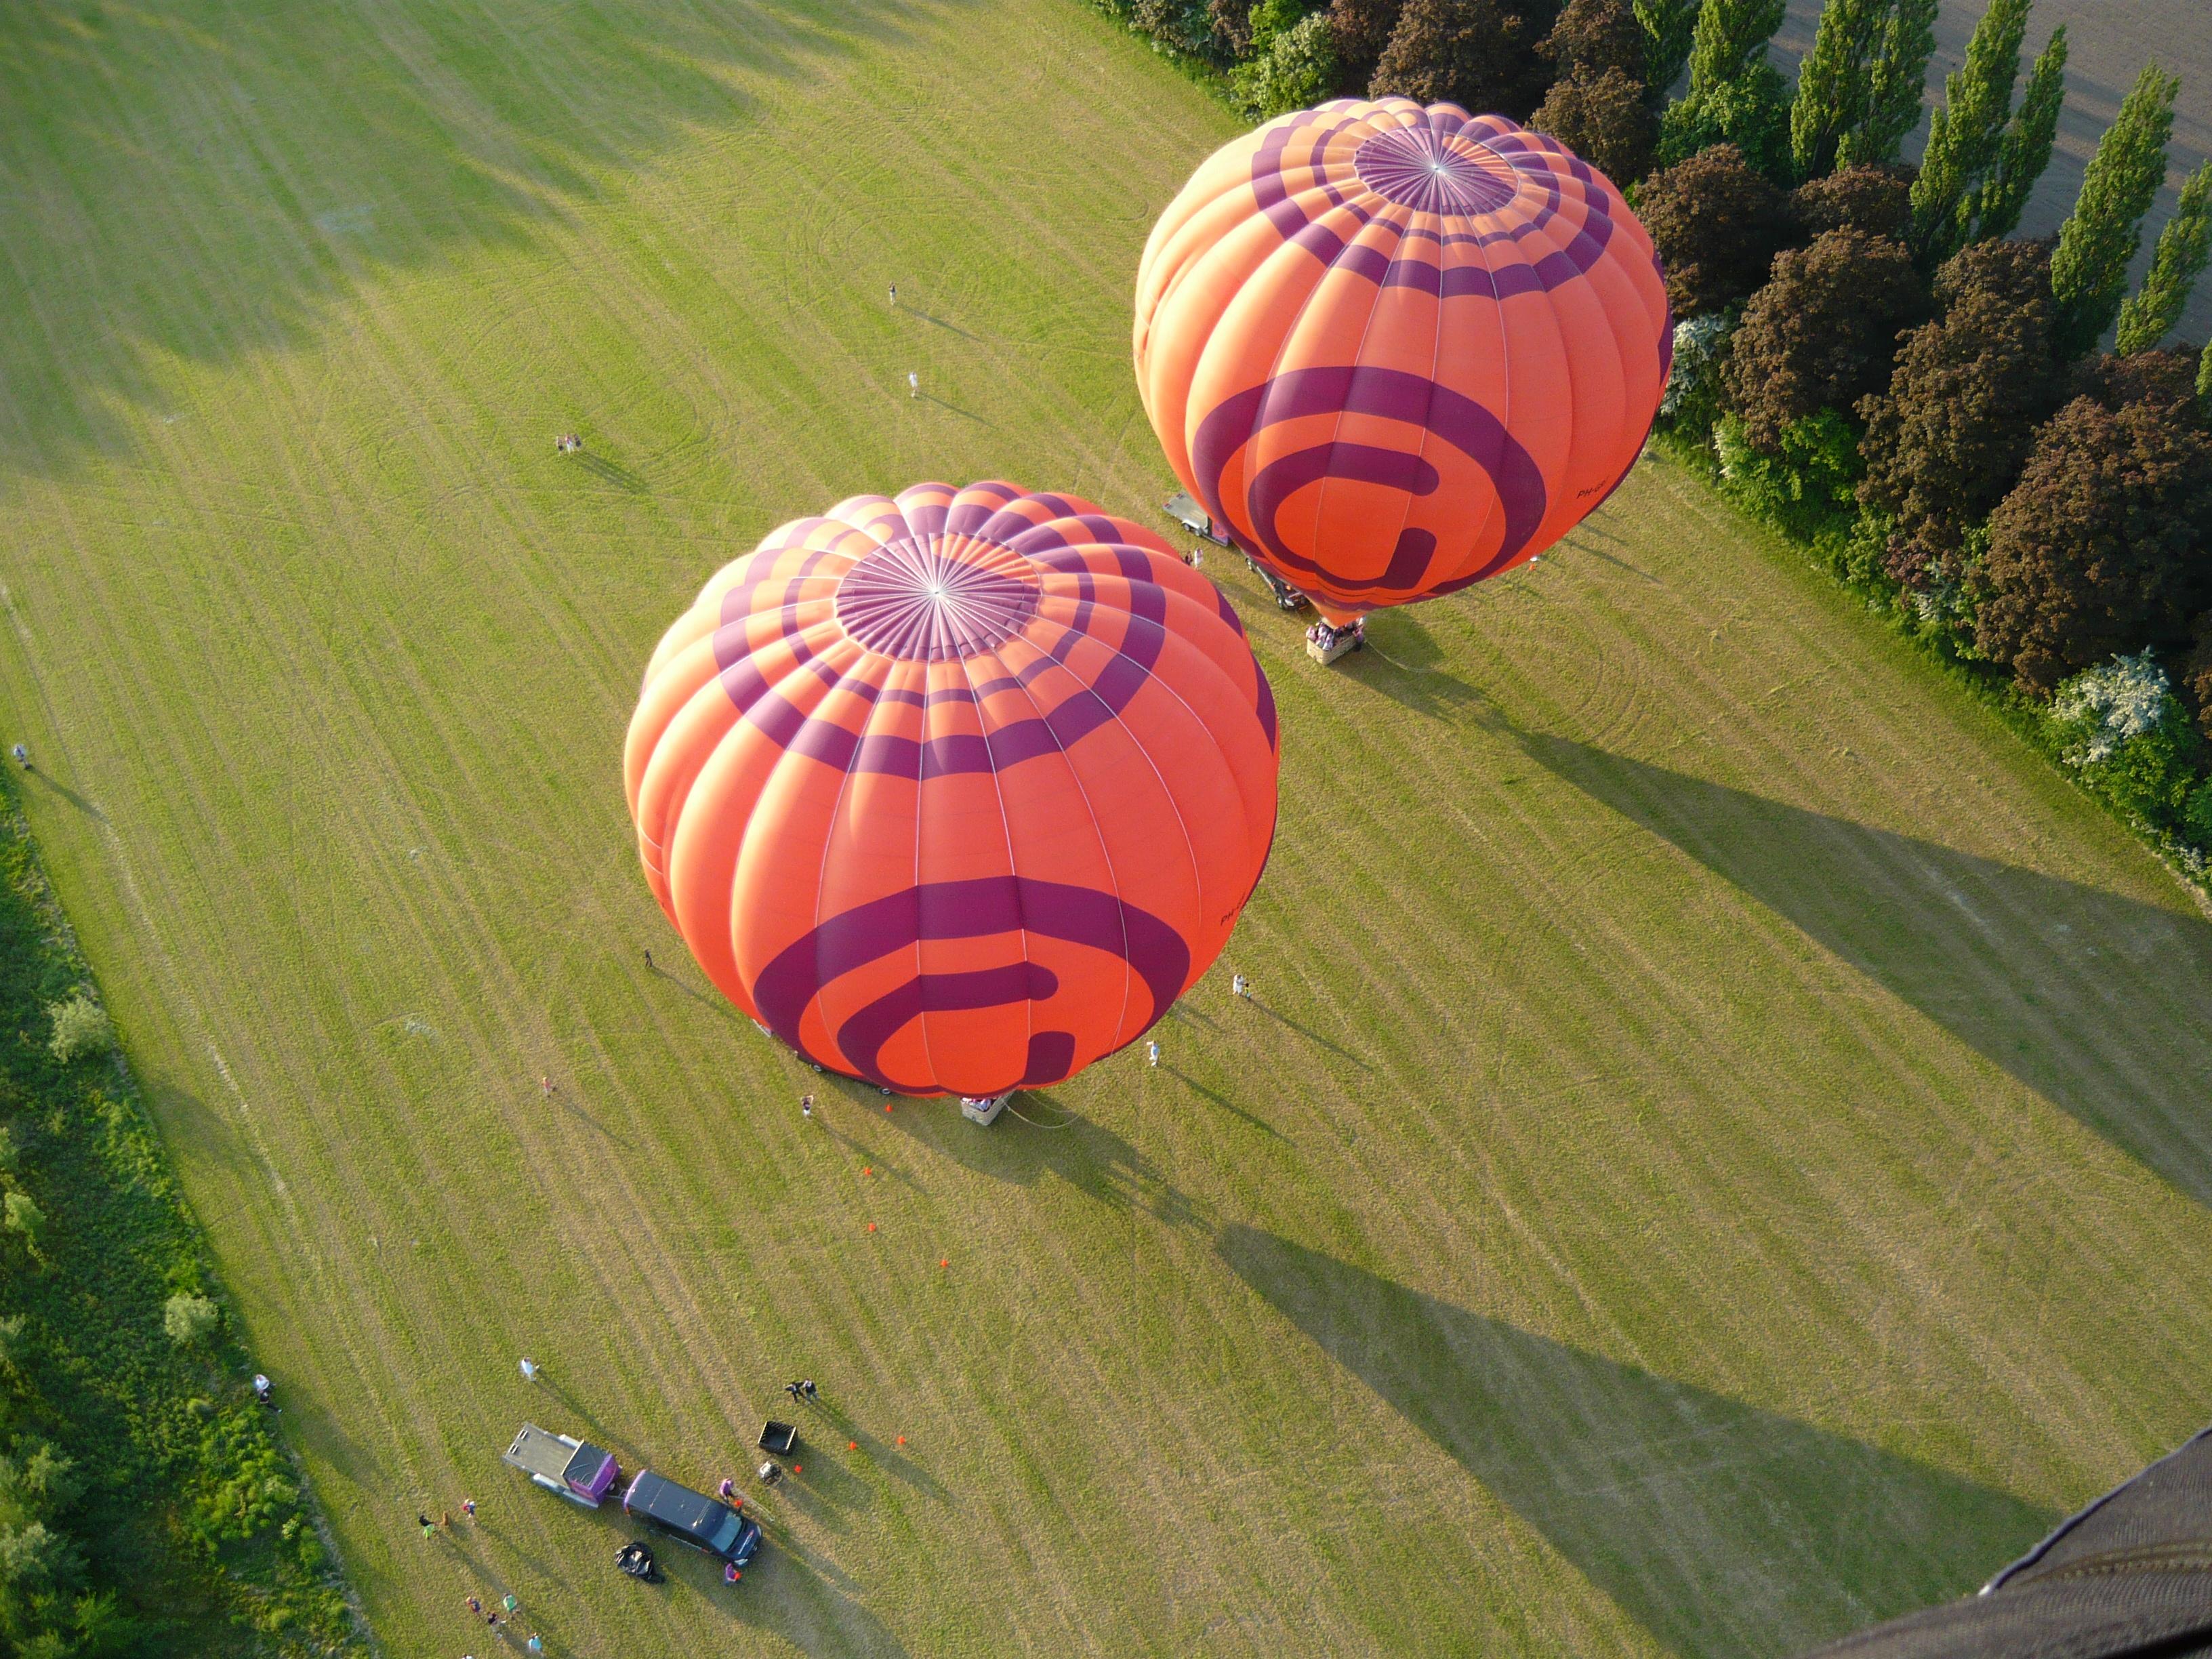 Ballonvaren... een unieke belevenis!